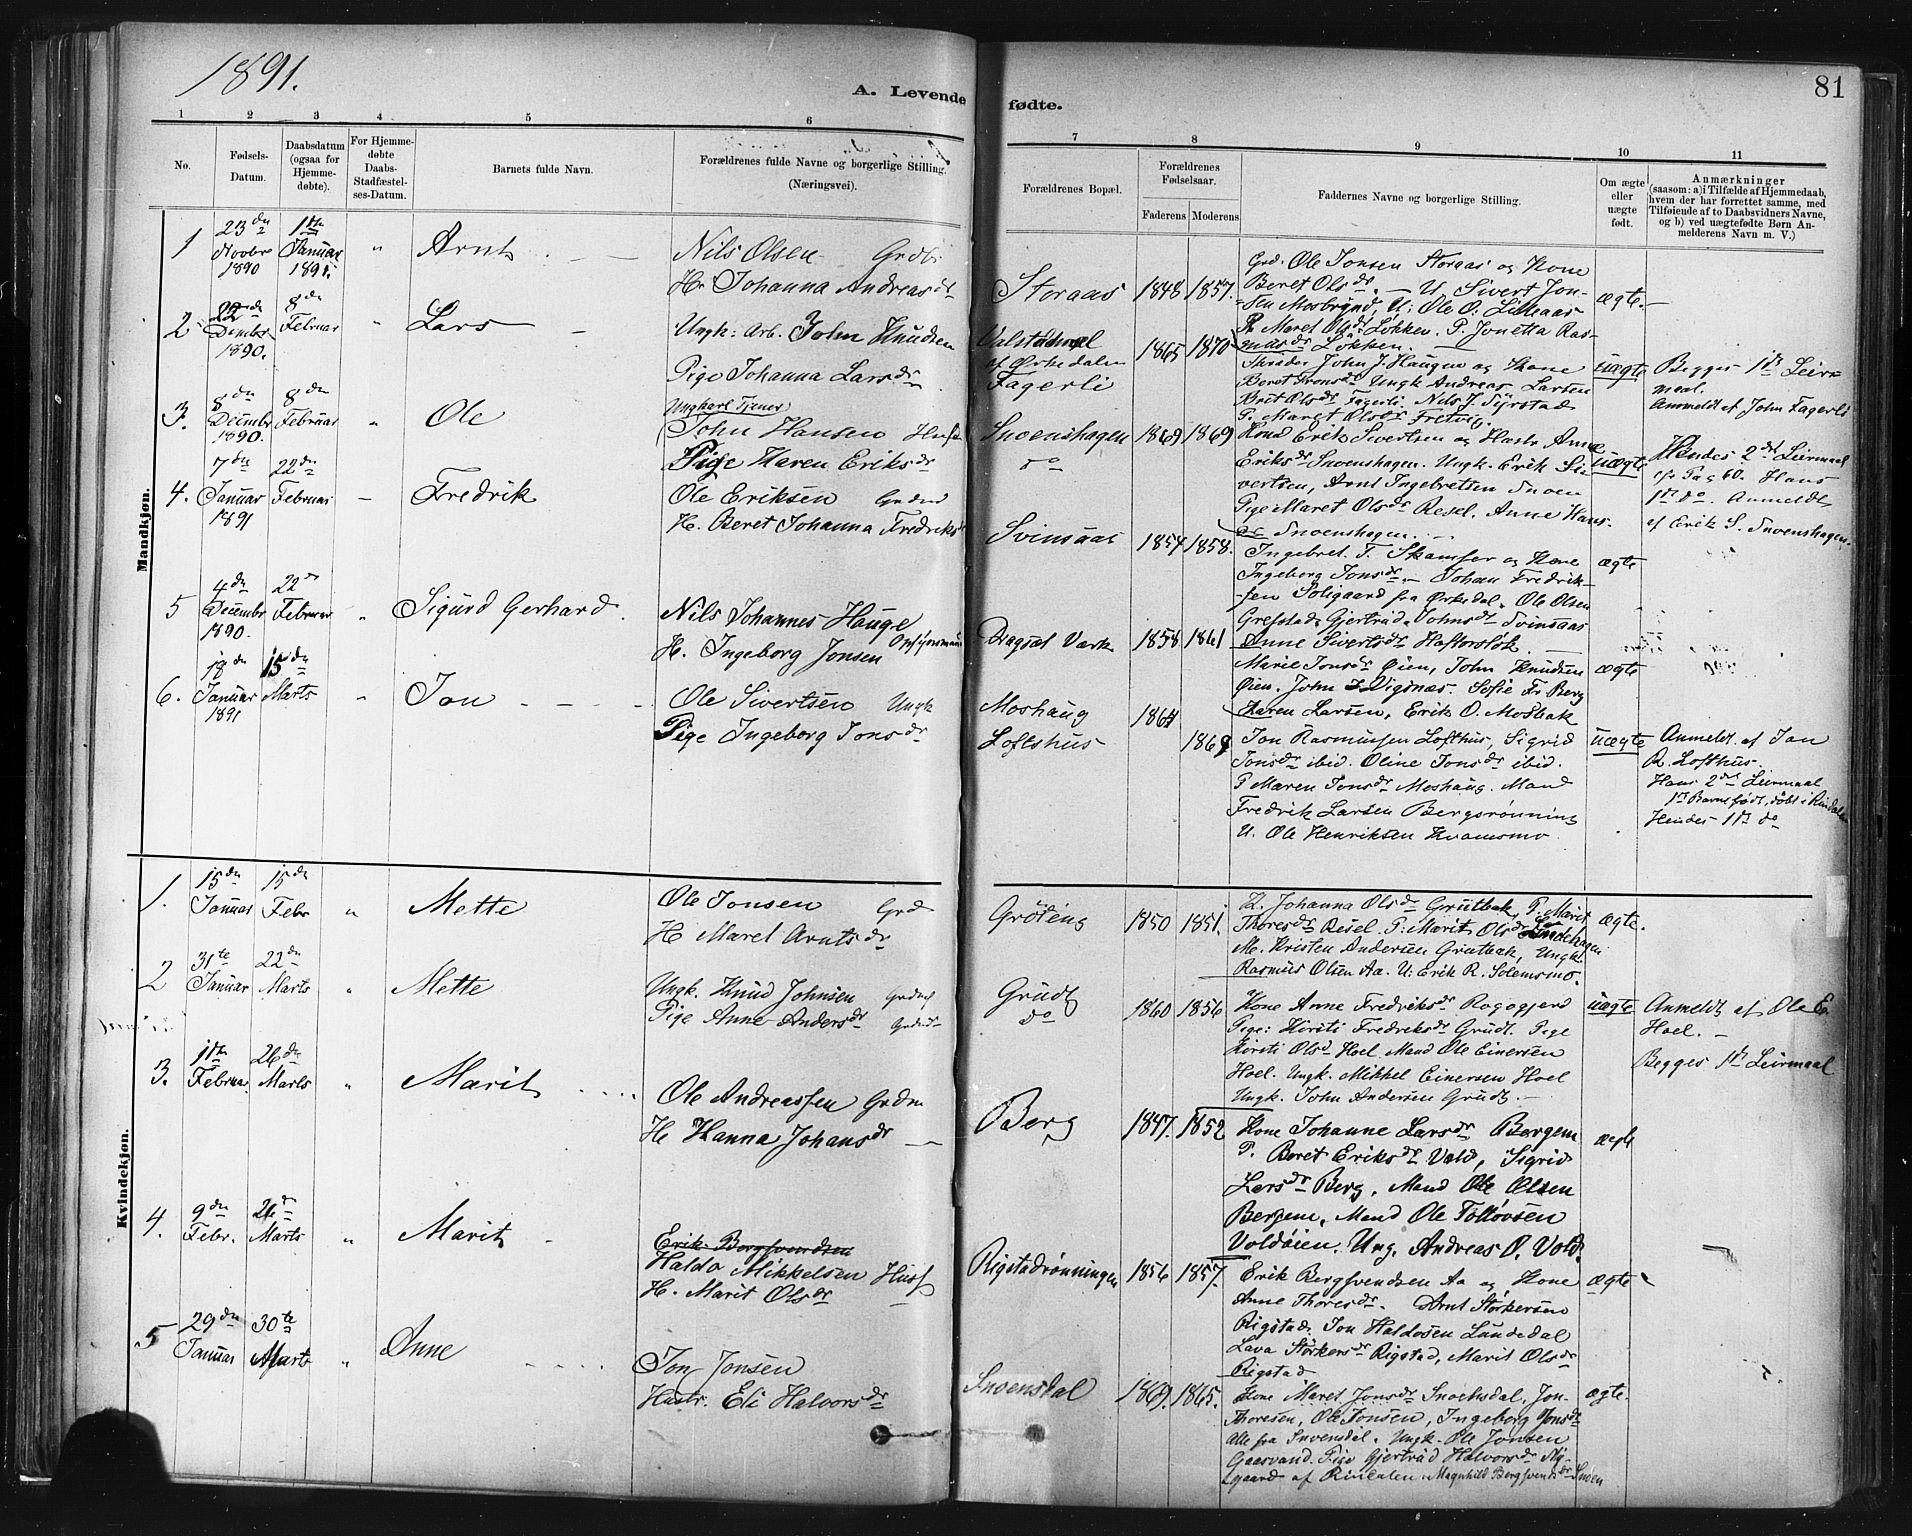 SAT, Ministerialprotokoller, klokkerbøker og fødselsregistre - Sør-Trøndelag, 672/L0857: Ministerialbok nr. 672A09, 1882-1893, s. 81